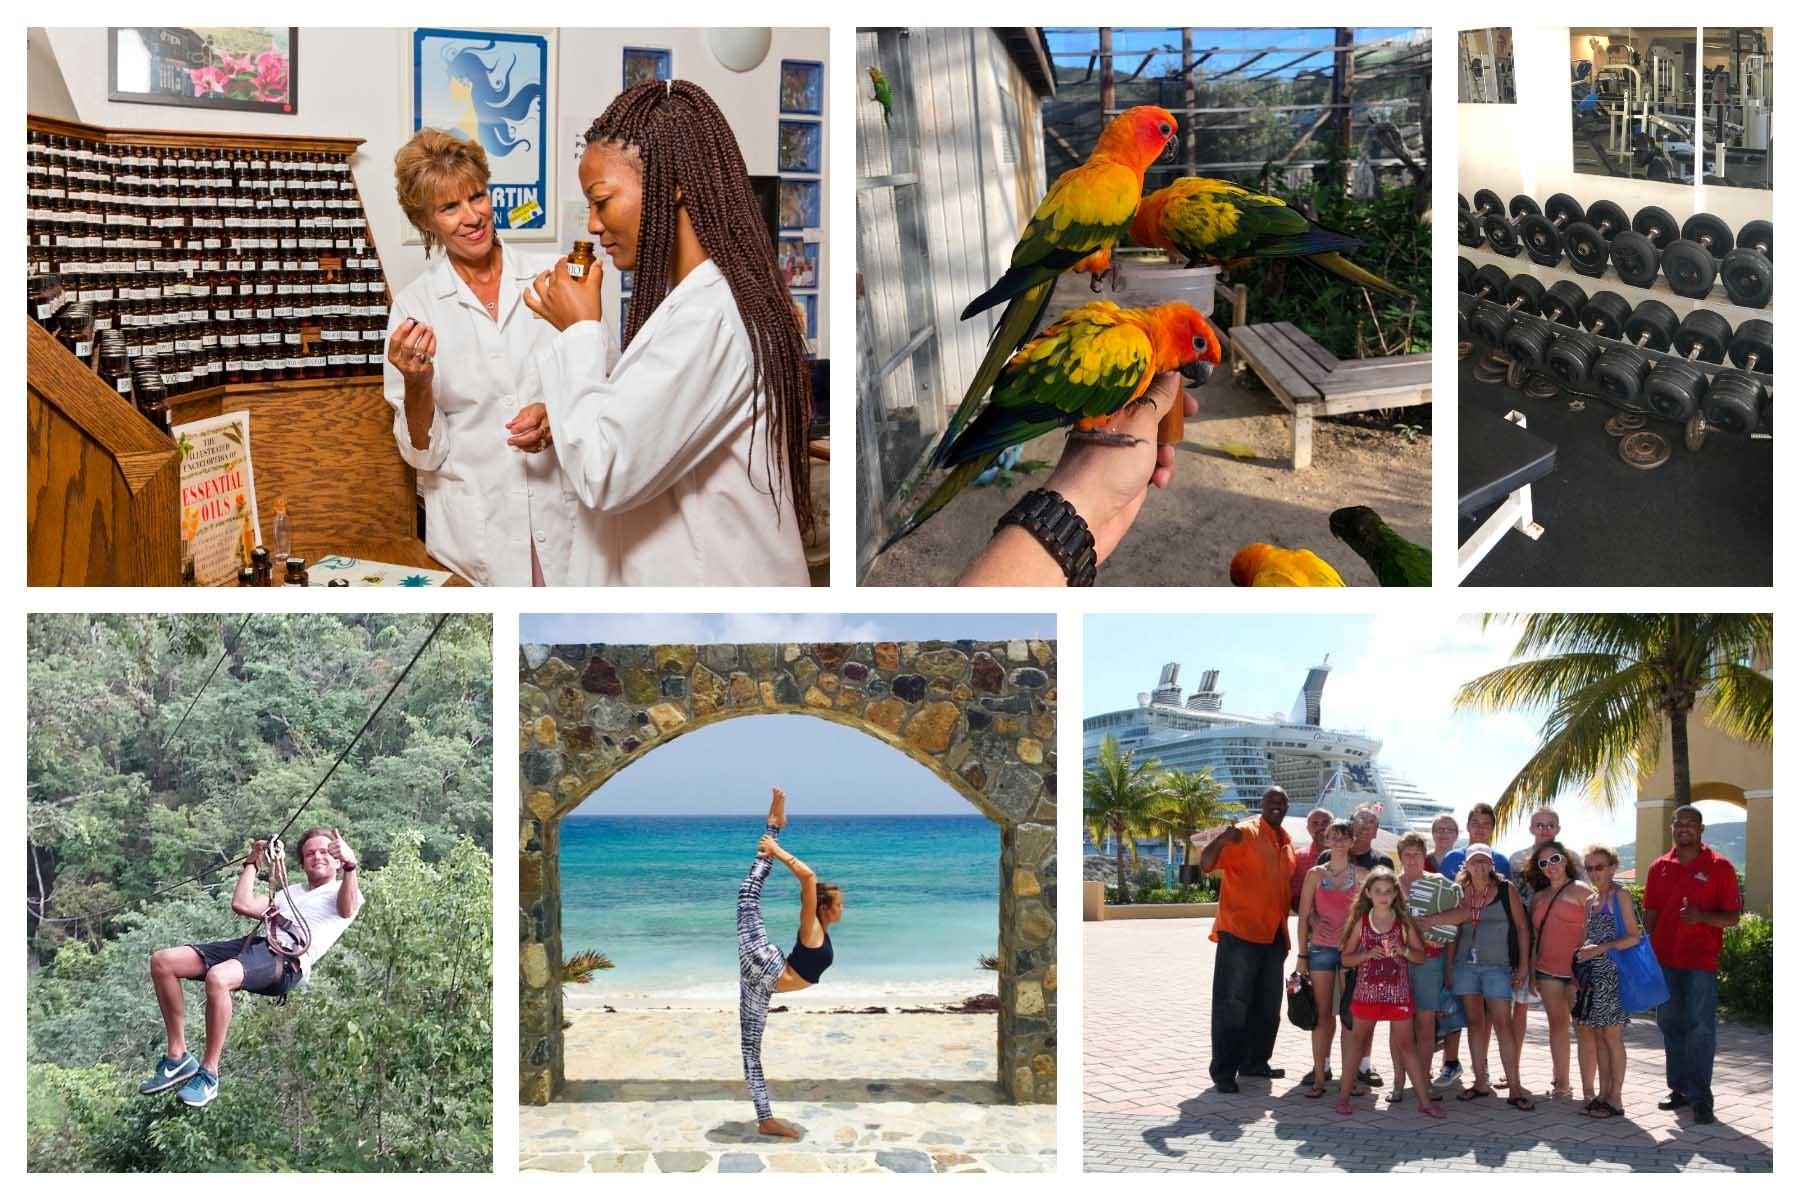 Sint Maarten Activities